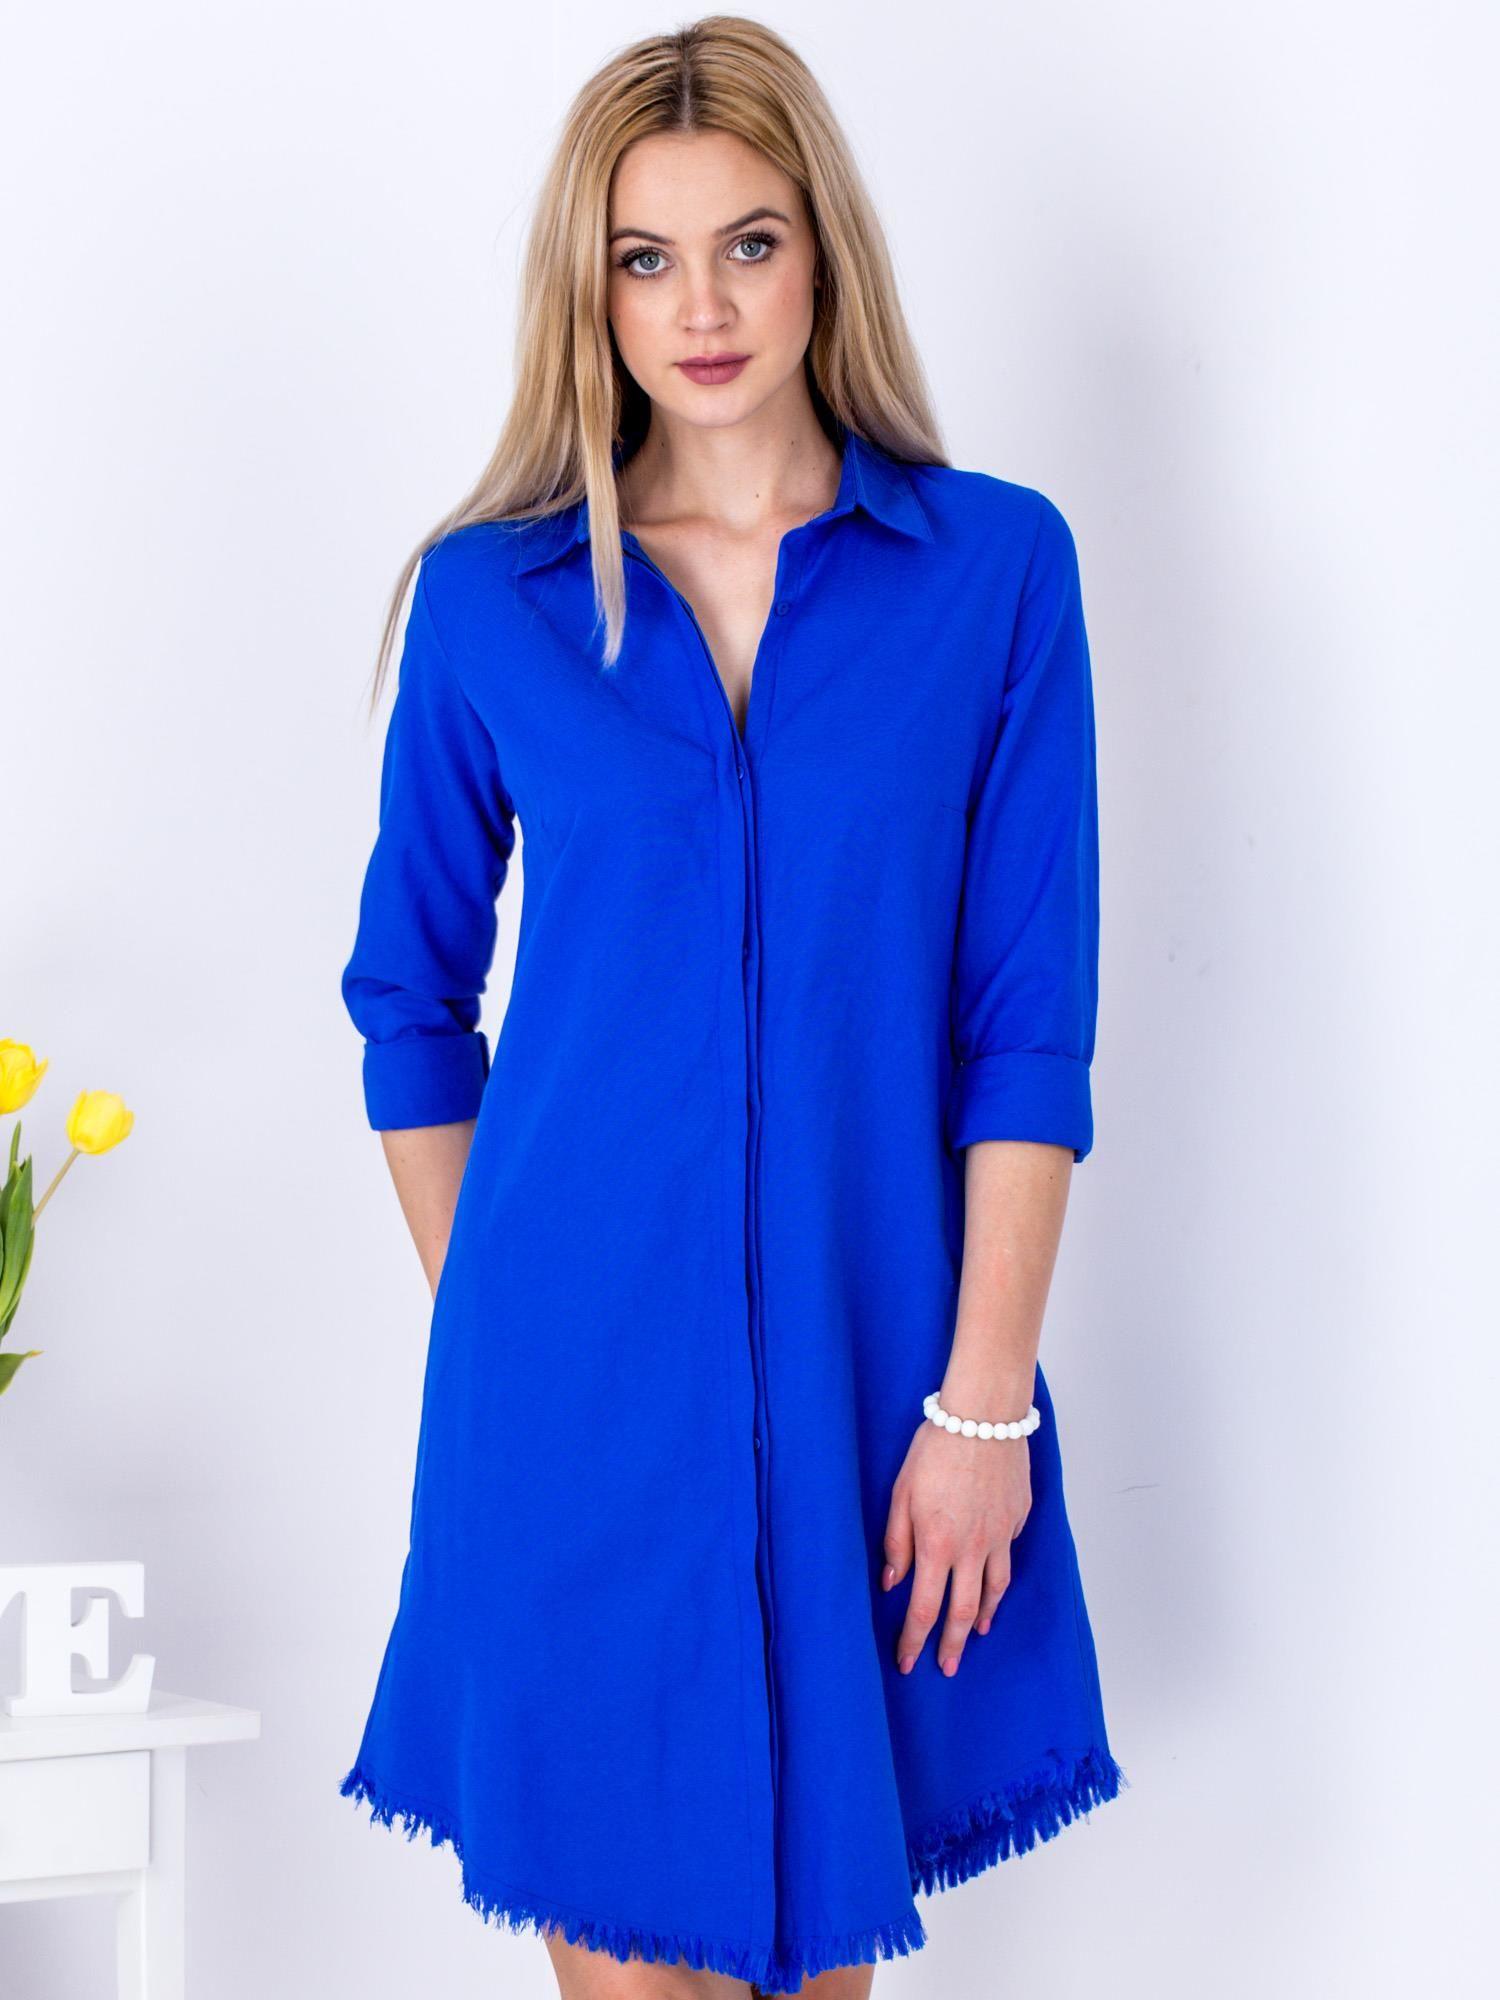 ddc280d667 Kobaltowa sukienka zapinana na guziki - Sukienka szmizjerka - sklep ...